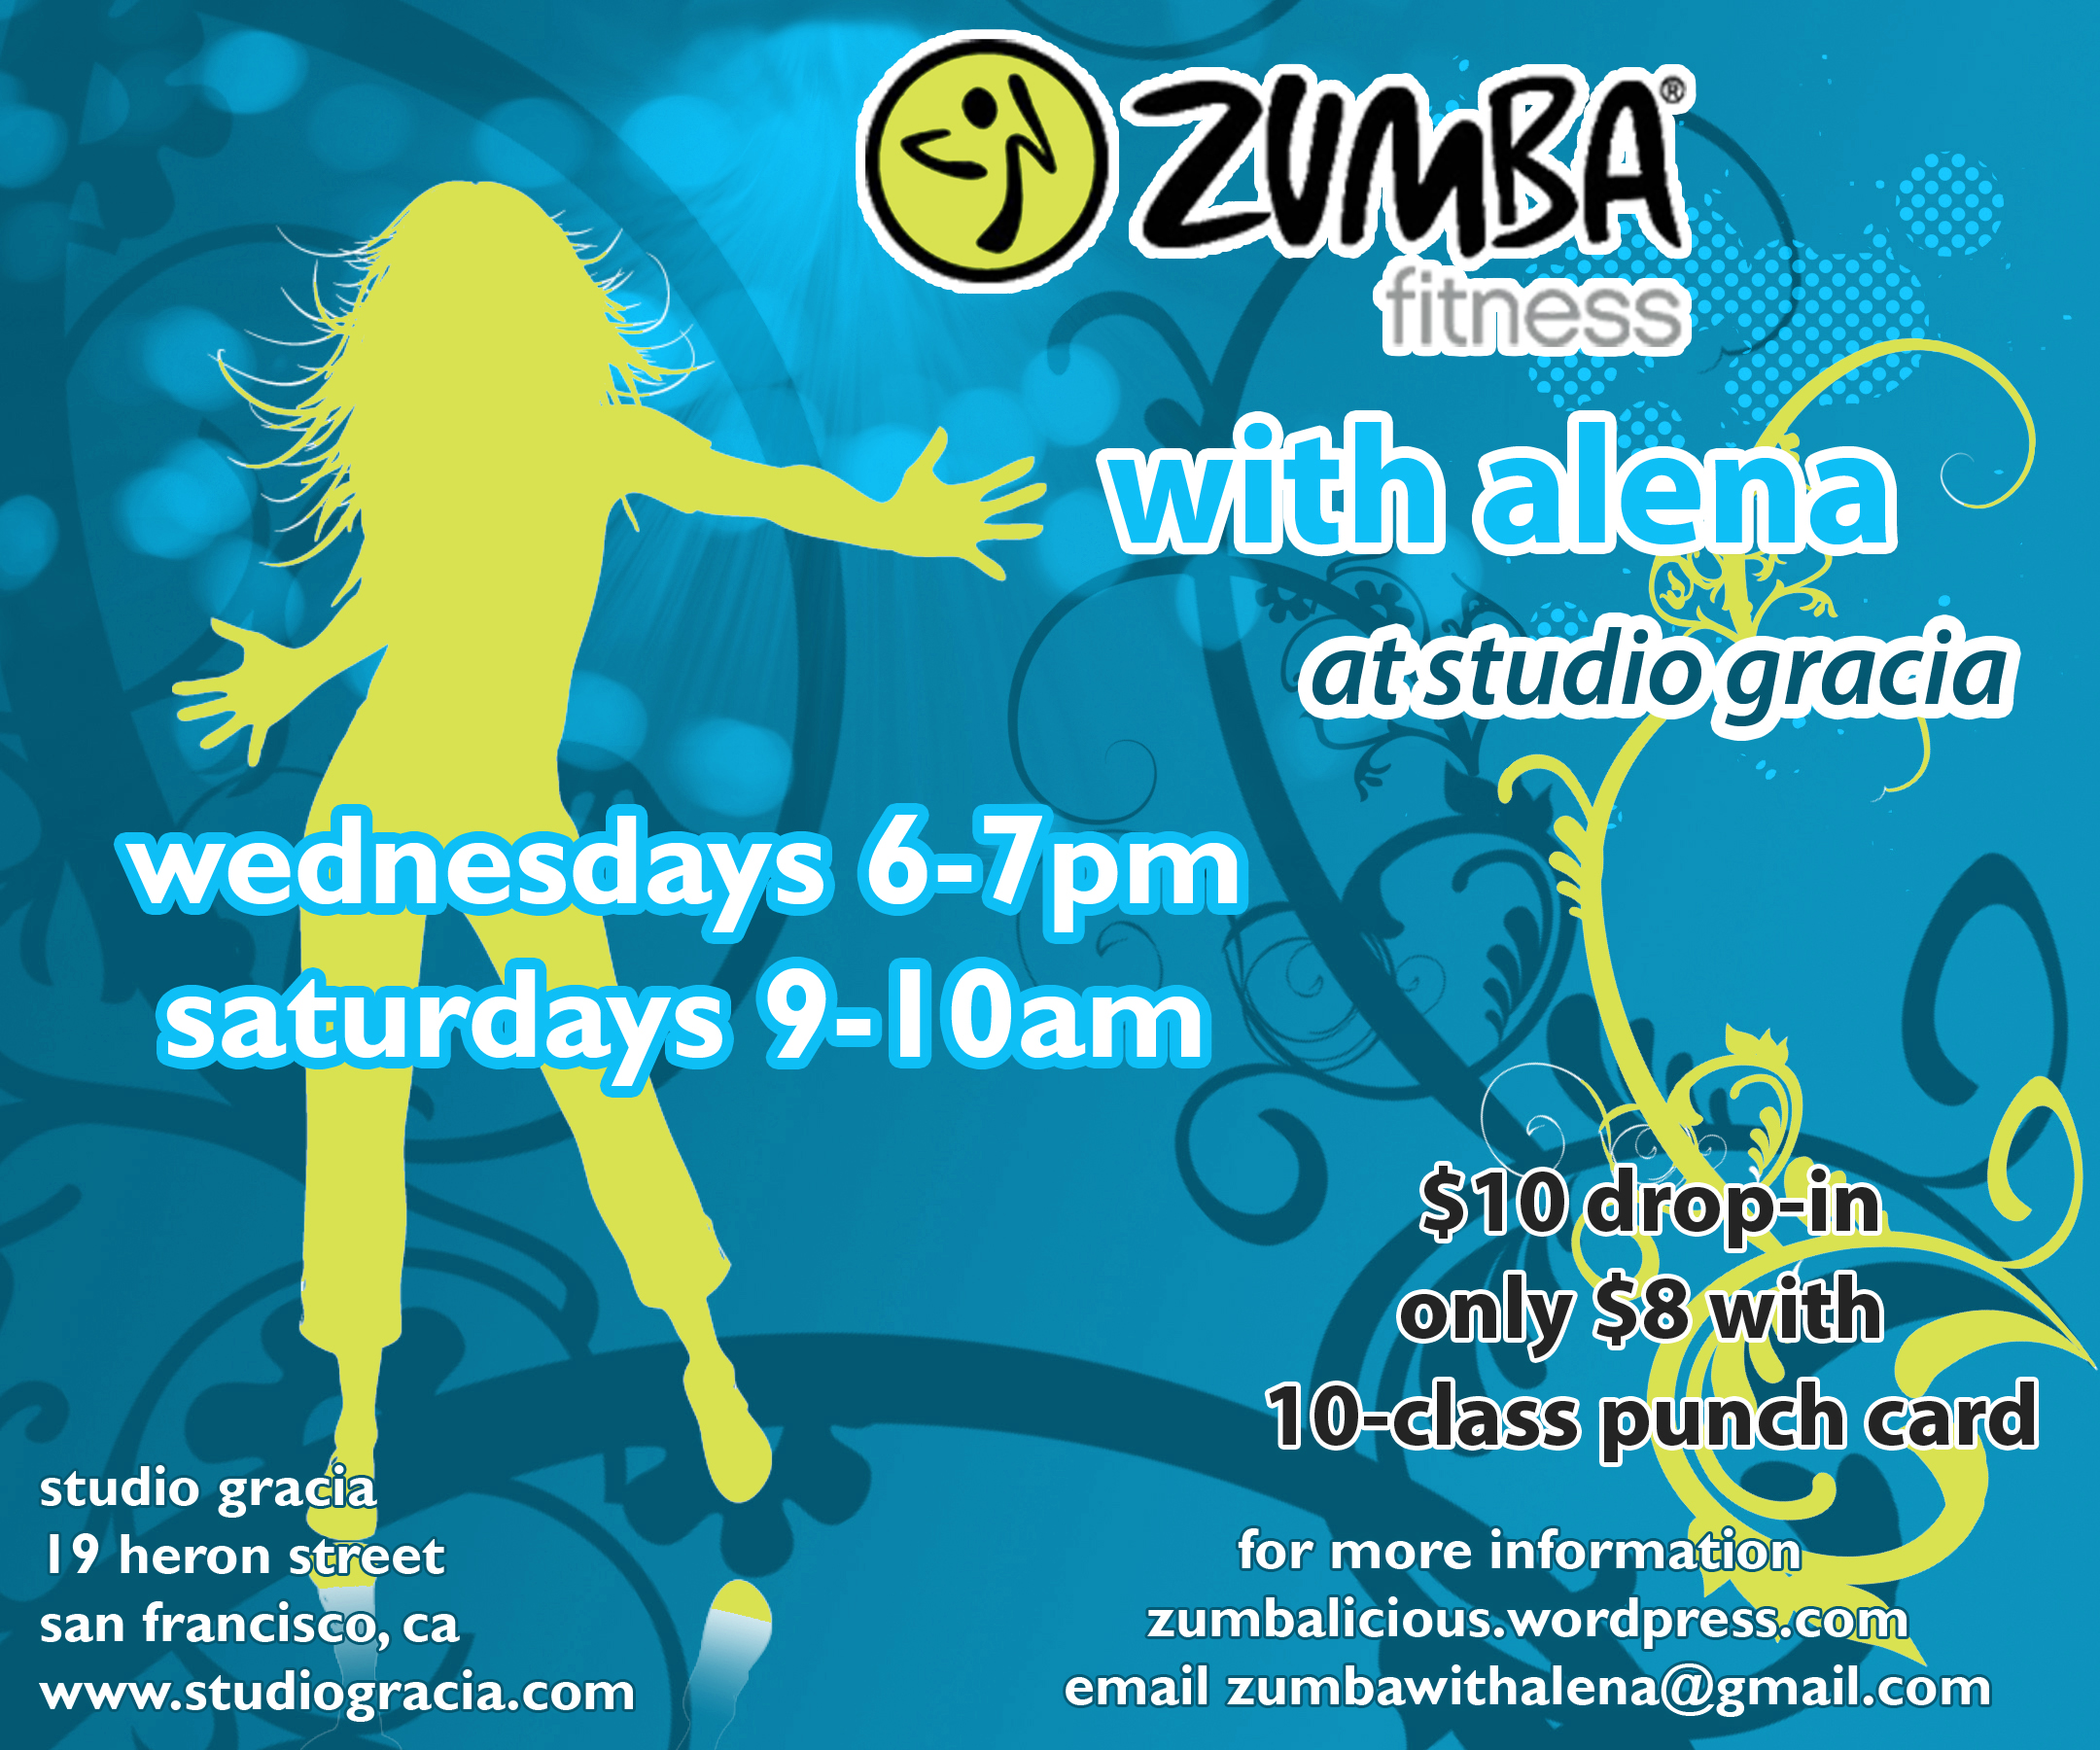 Zumba flyer design zumba flyers - Zumba Fitness With Alena